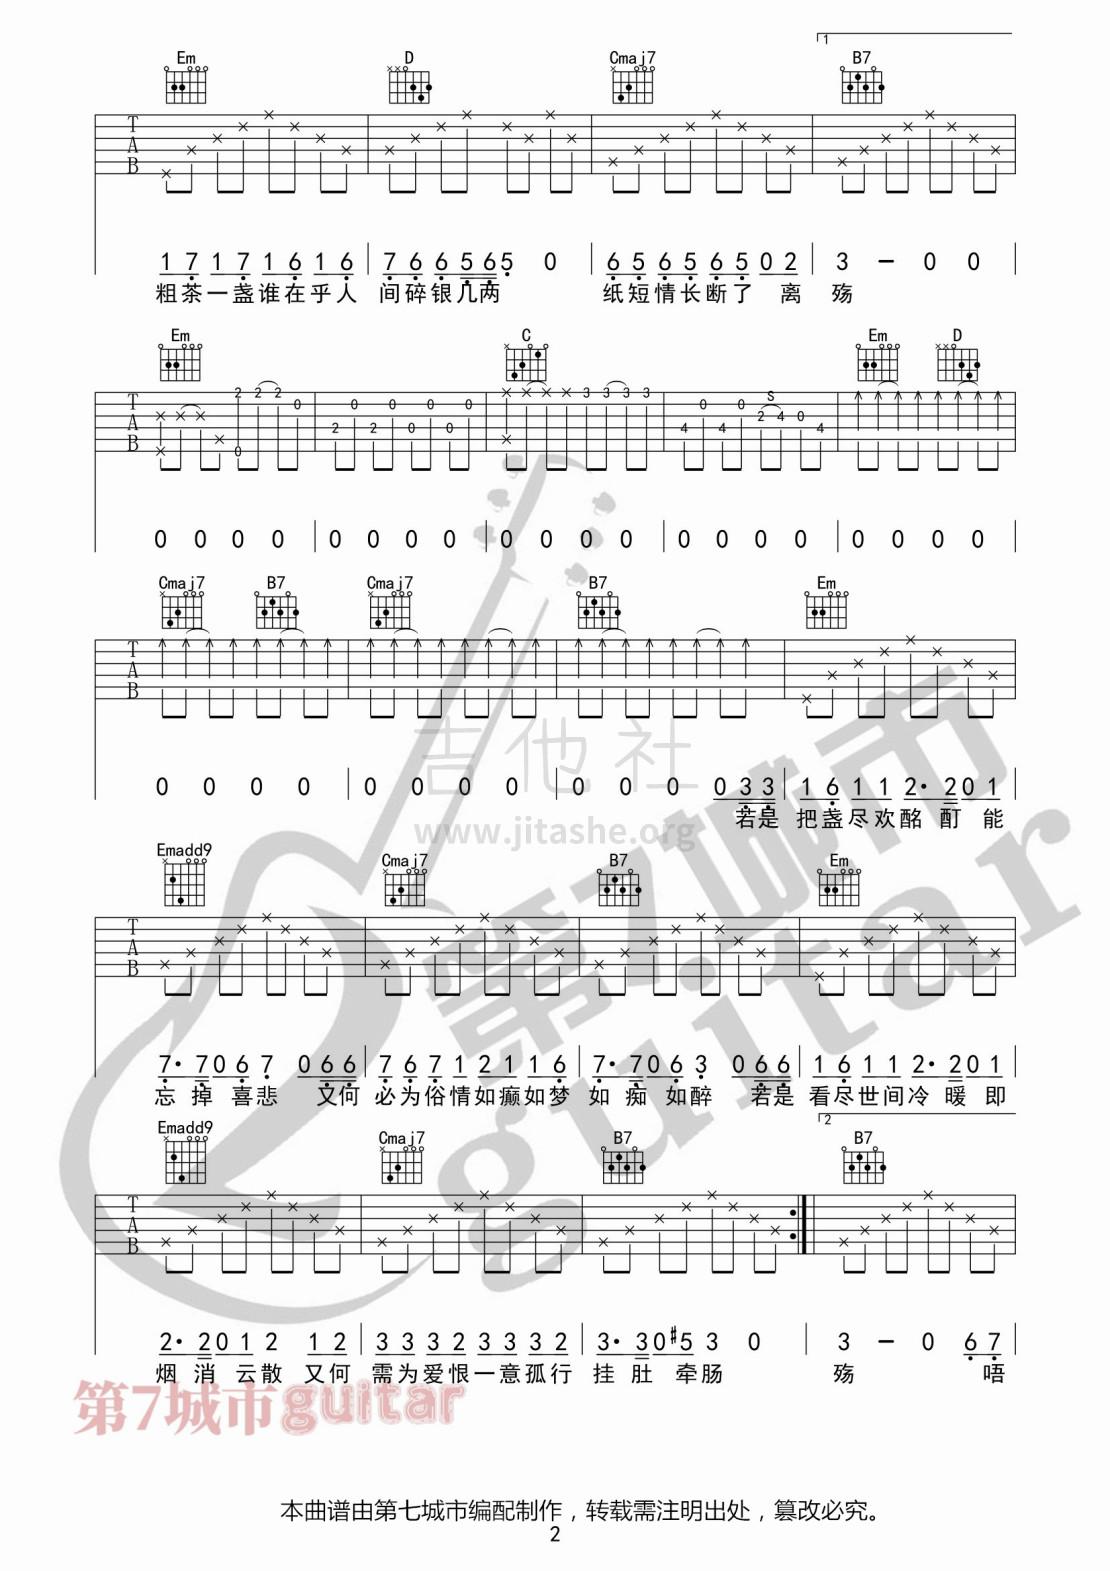 窗吉他谱(图片谱,第七城市,弹唱)_虎二_窗水印02.jpg